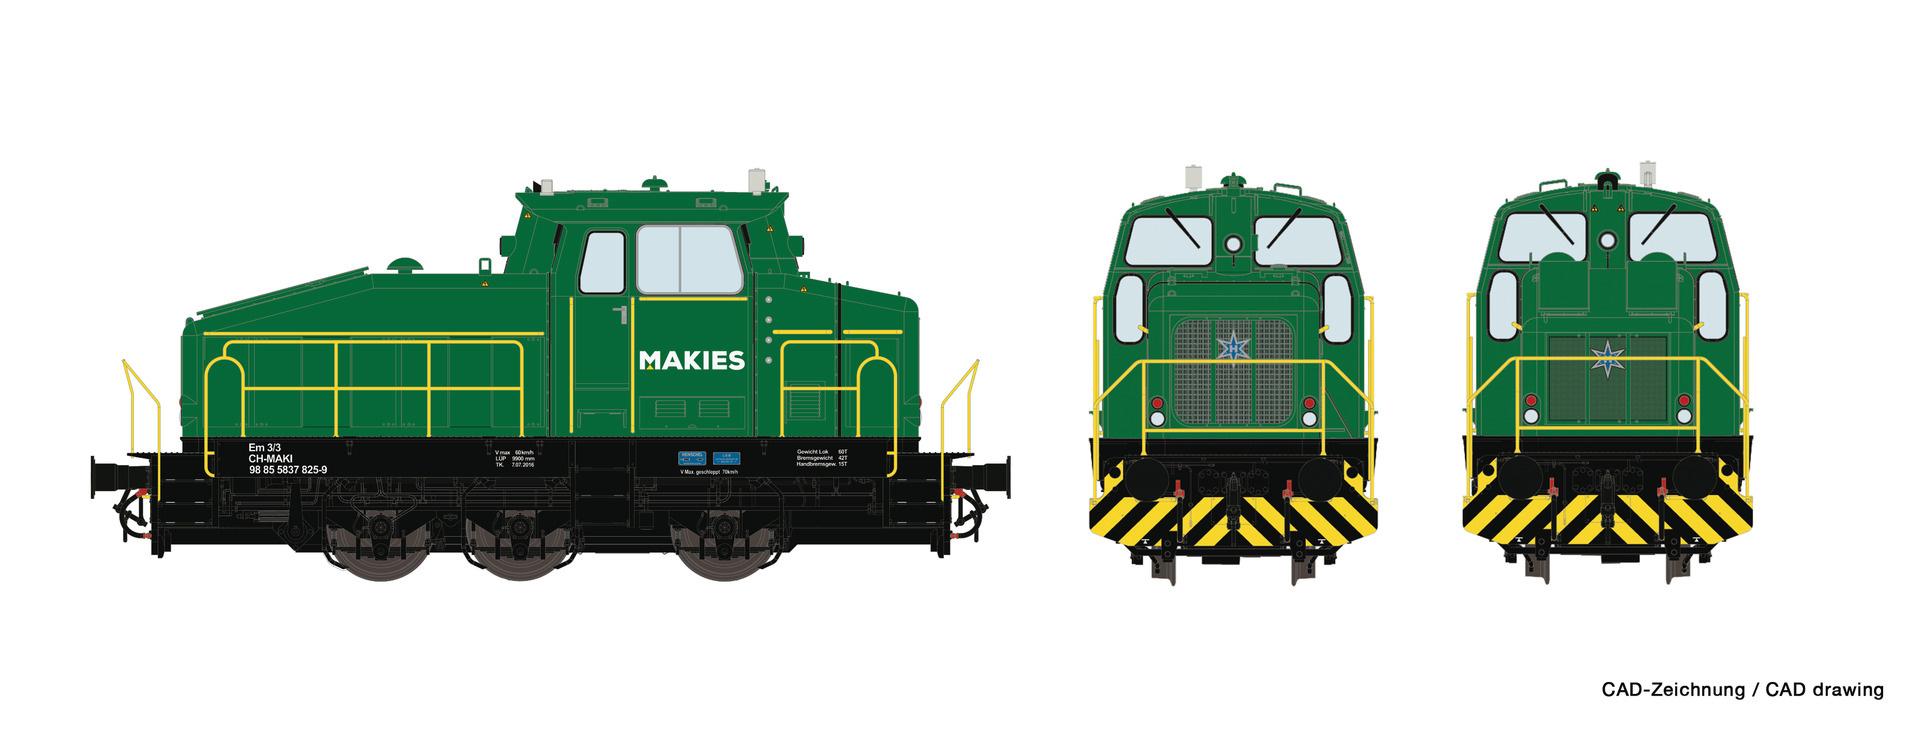 72180 Diesellok DHG 500 Makies-1